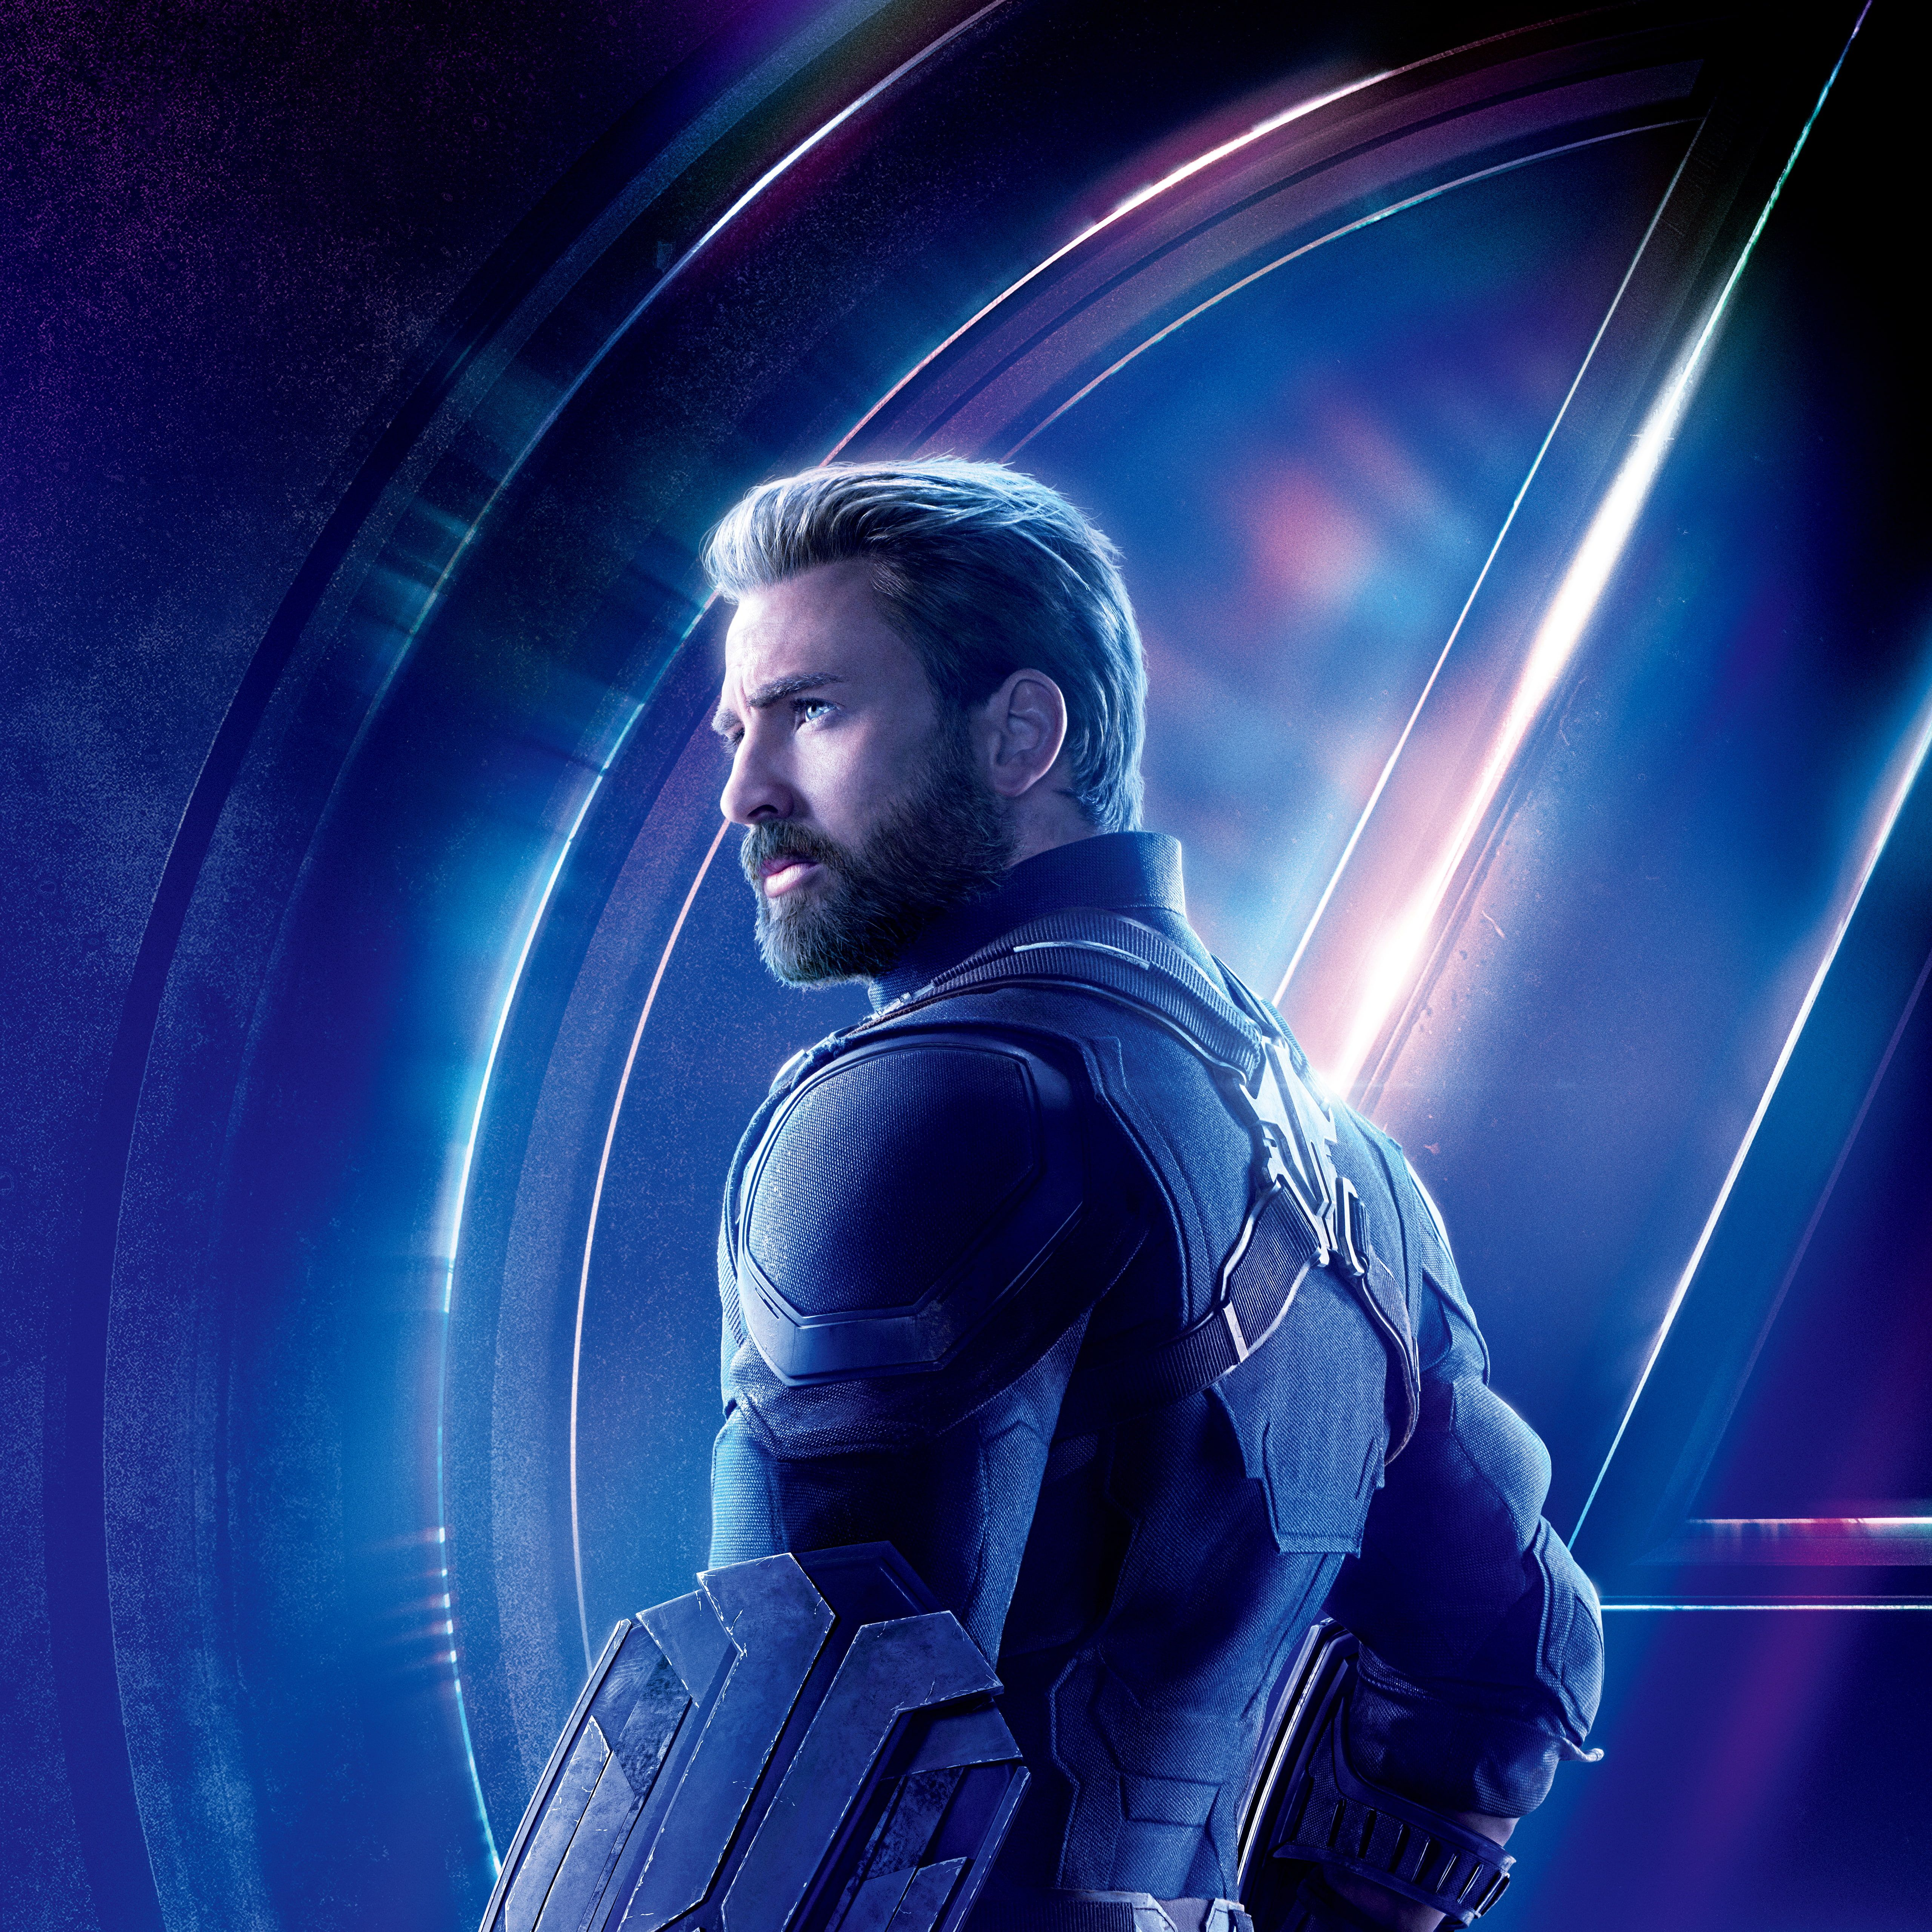 Captain America Avengers Infinity War 5k Steve Rogers Chris Evans 4k 5k Wallpaper Hdw Captain America Wallpaper Avengers Infinity War Marvel Infinity War